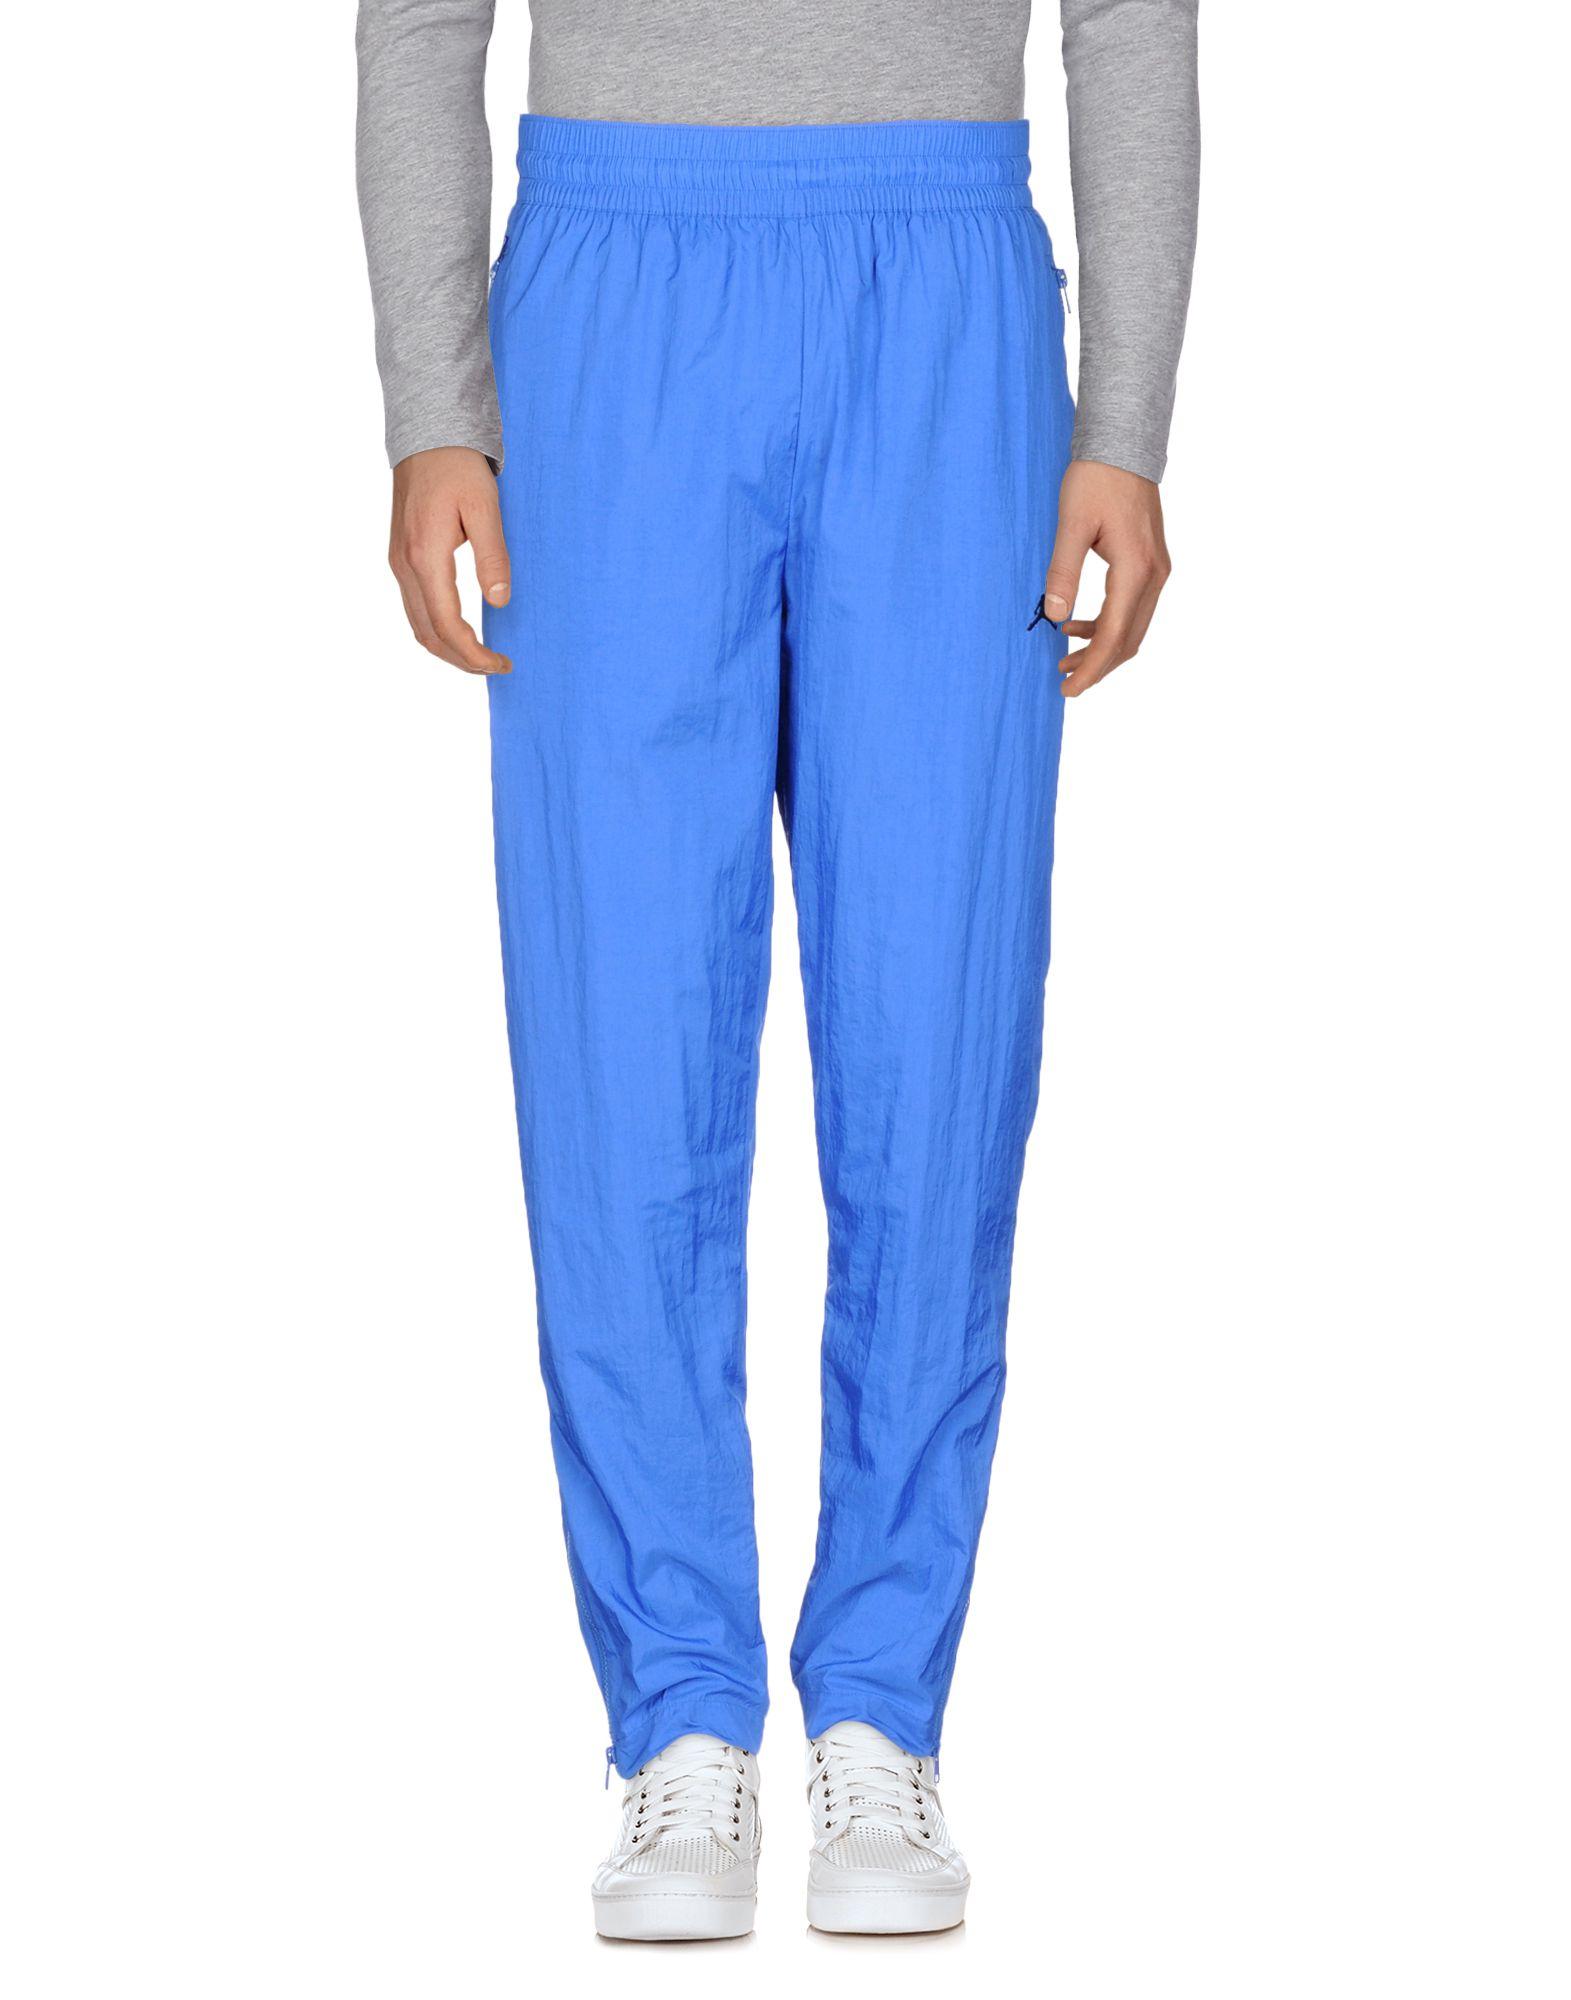 《送料無料》JORDAN メンズ パンツ ブルー M ナイロン 100%